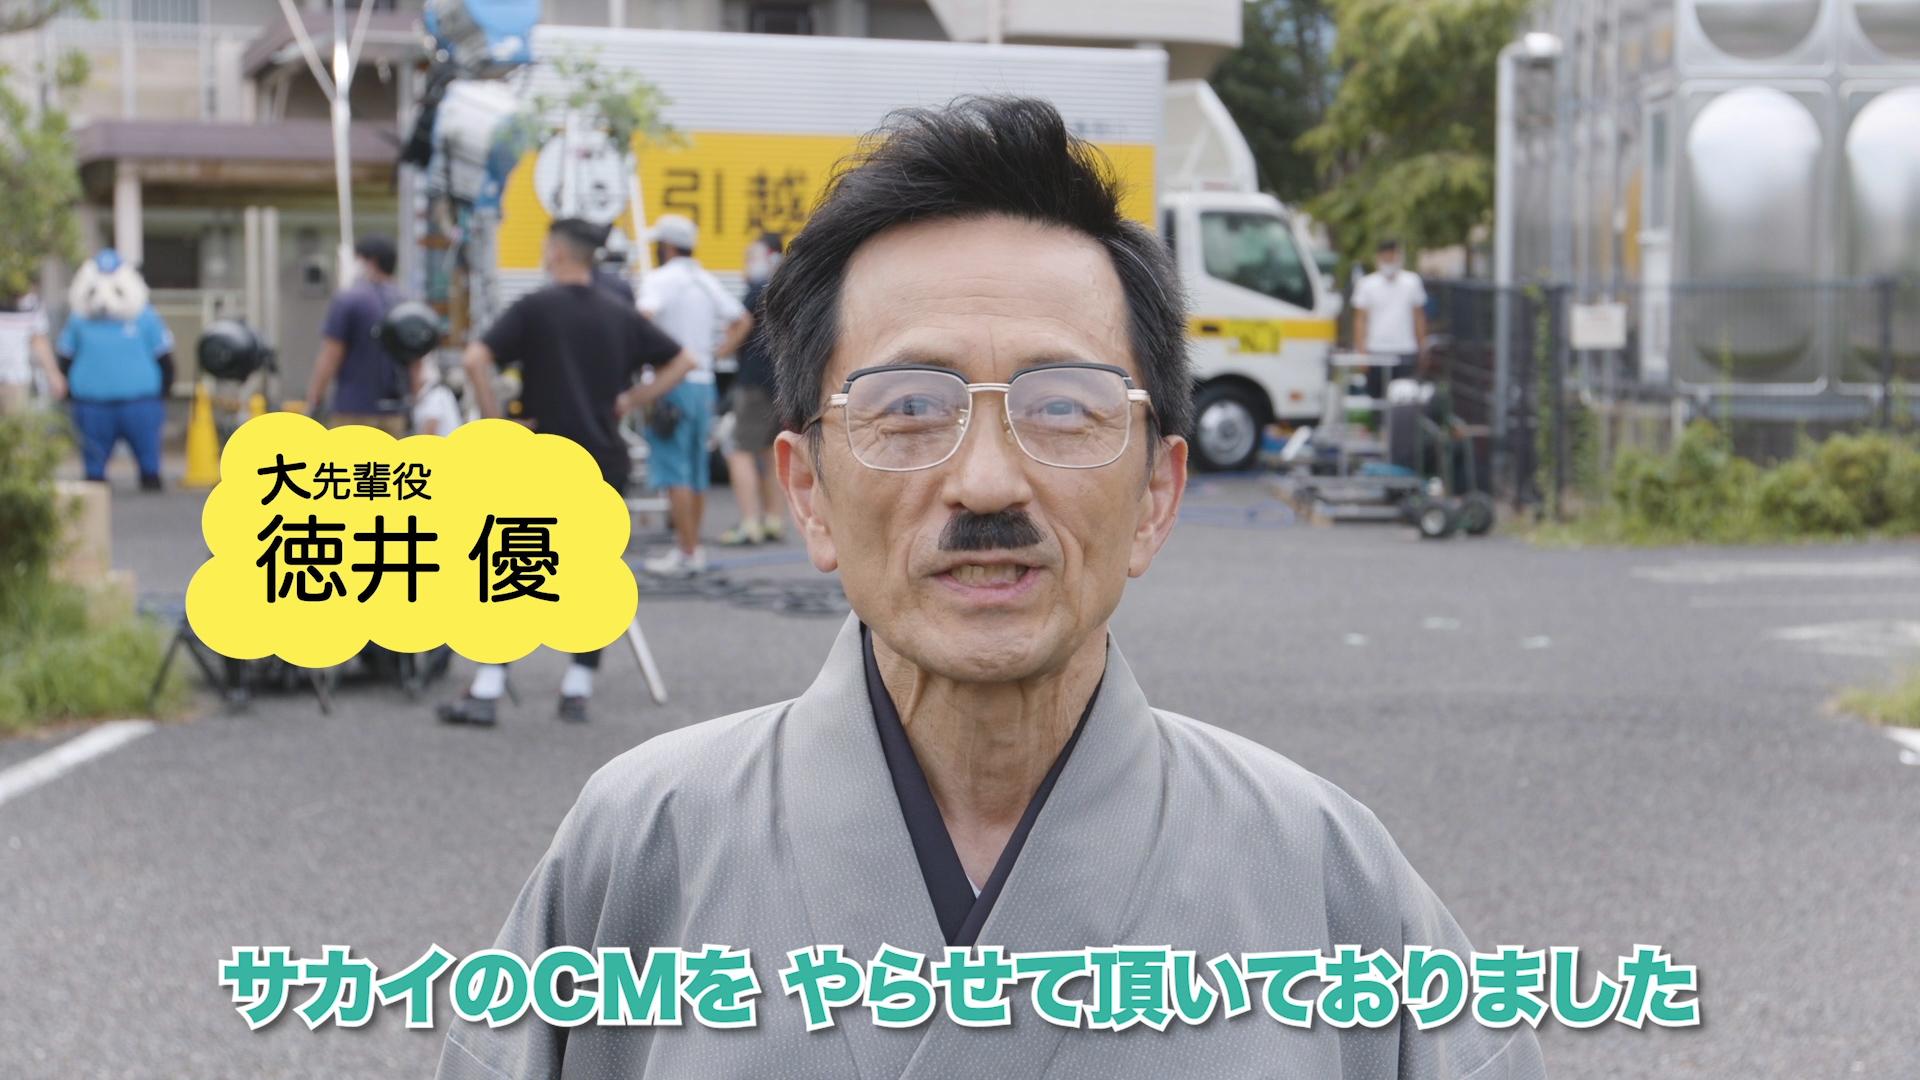 の cm 引越 サカイ